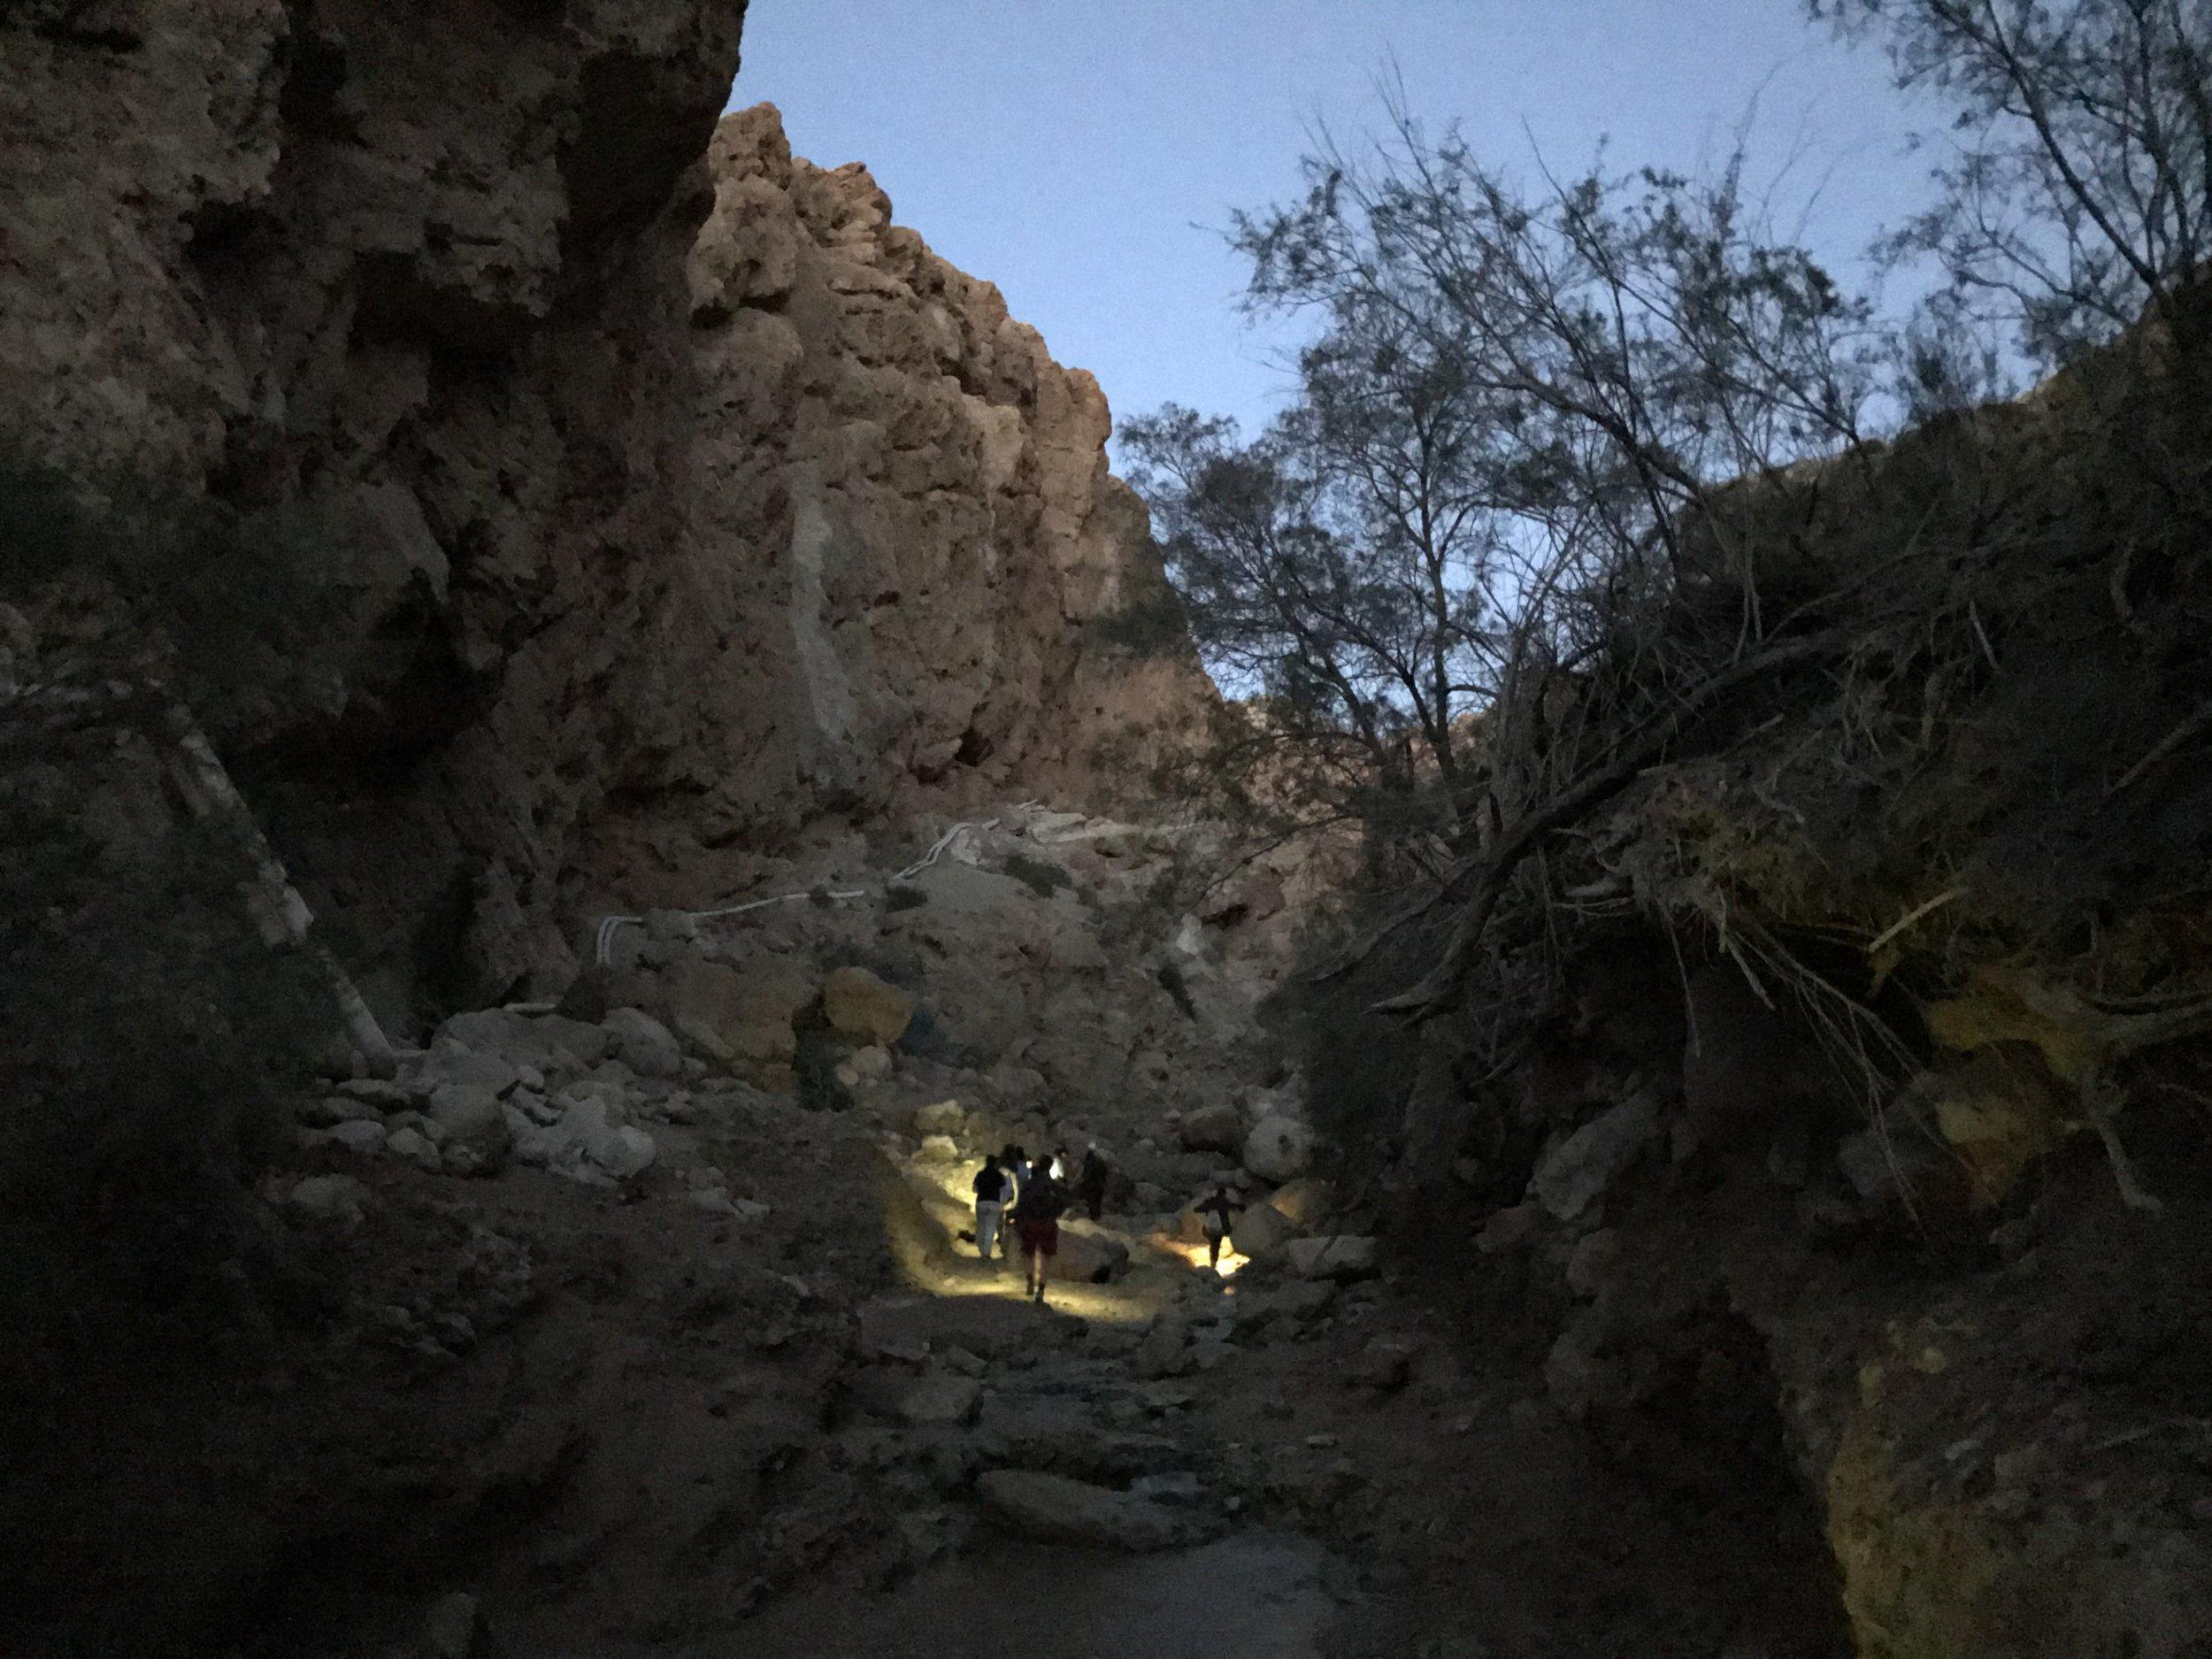 IMG_0883 lower quality hiking 2.jpg